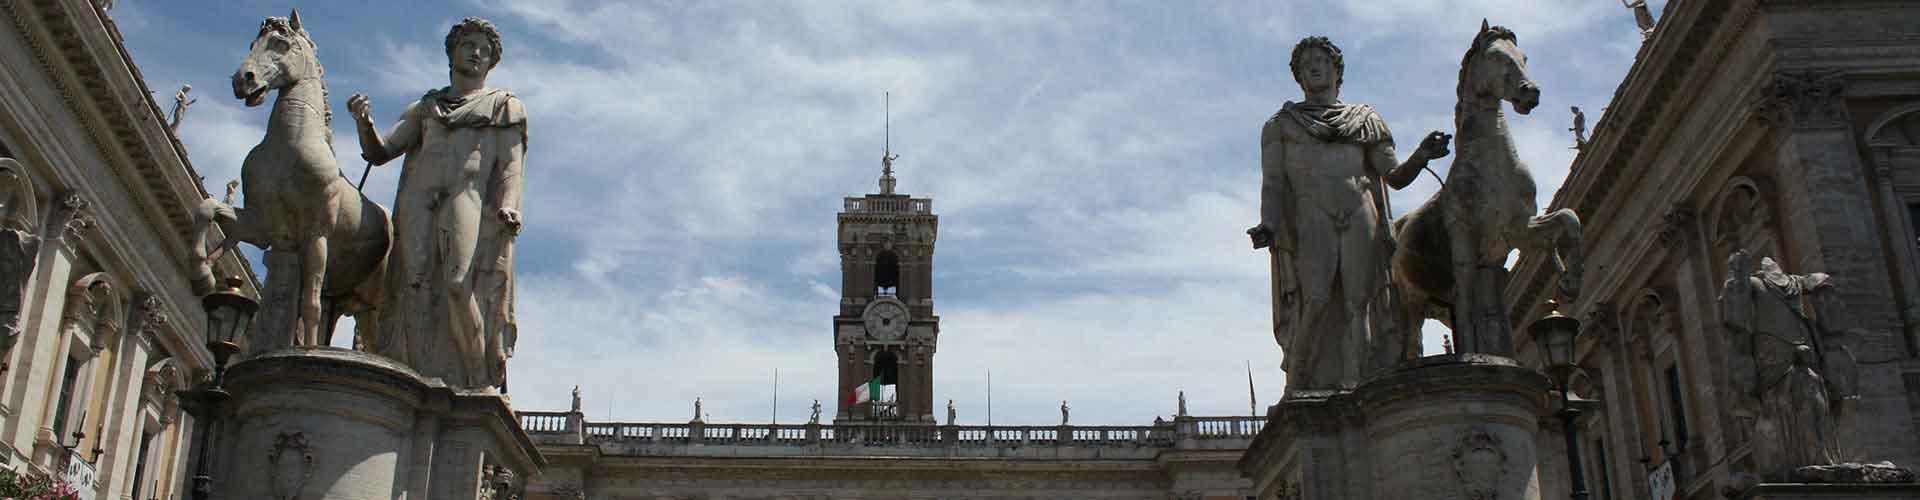 Roma – Albergues próximos a Piazza del Campidoglio com Museus Capitolinos. Mapas para Roma, Fotos e Avaliações para cada Albergue em Roma.